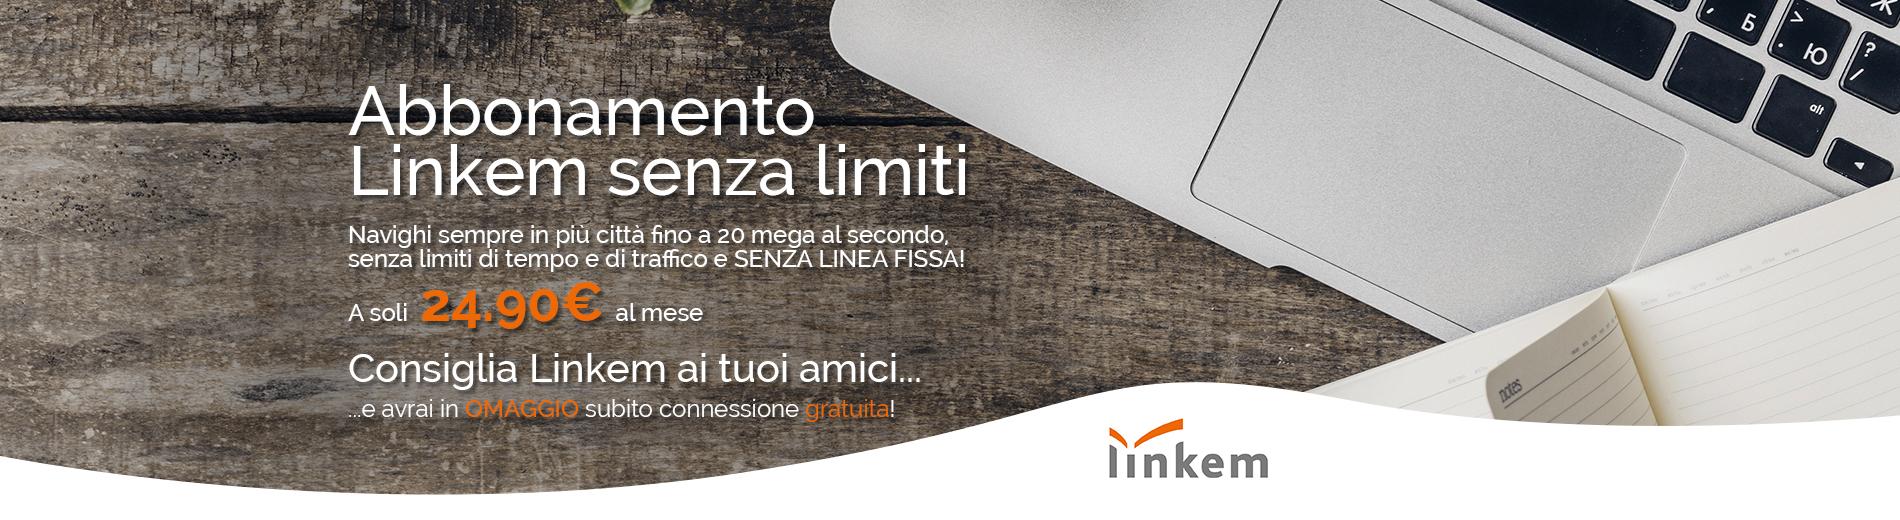 Banner_Linkem